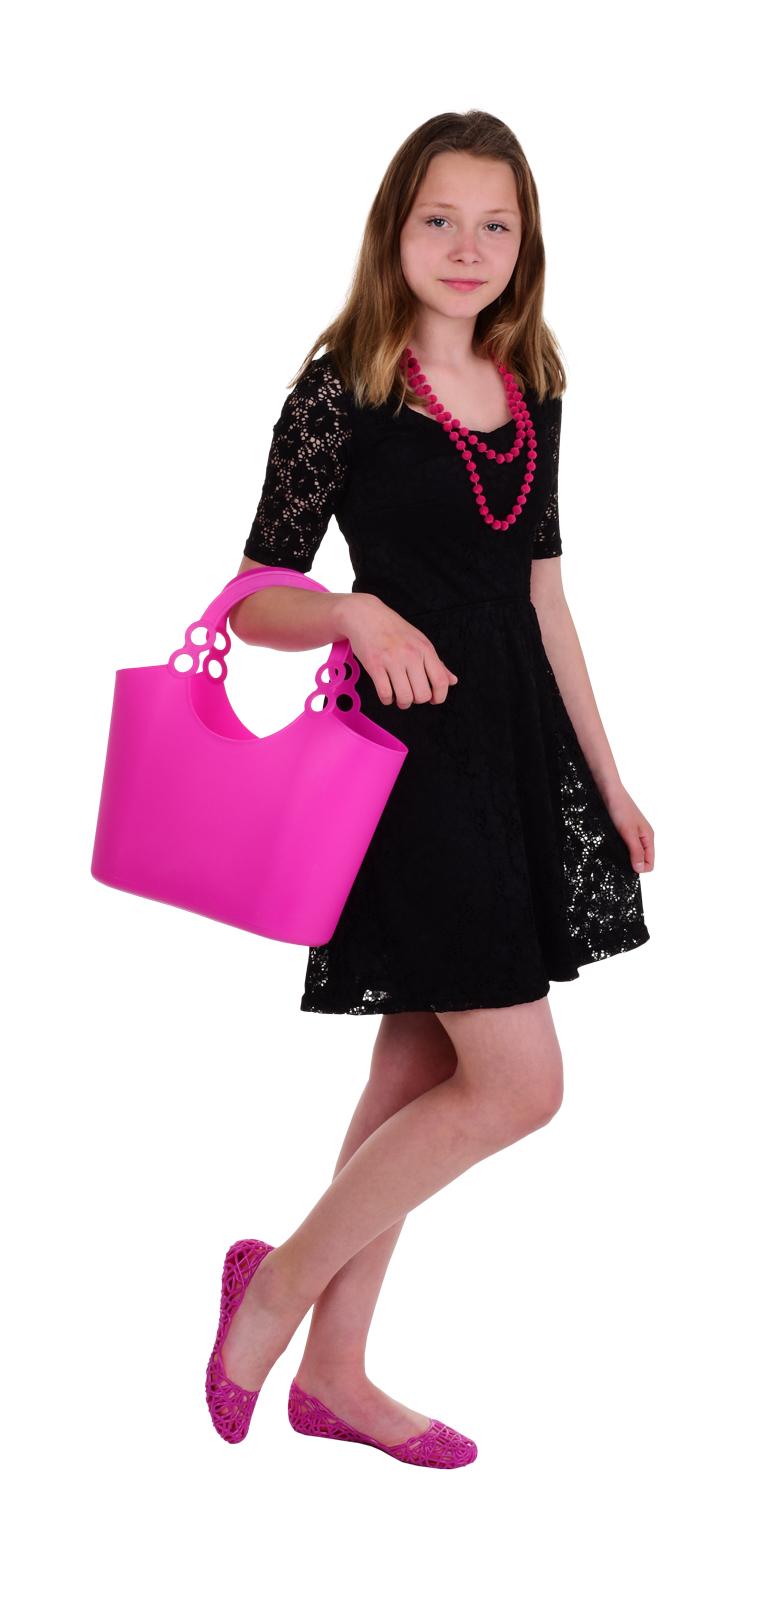 FC11382-LACY krajkové šaty s podšívkou čiernej